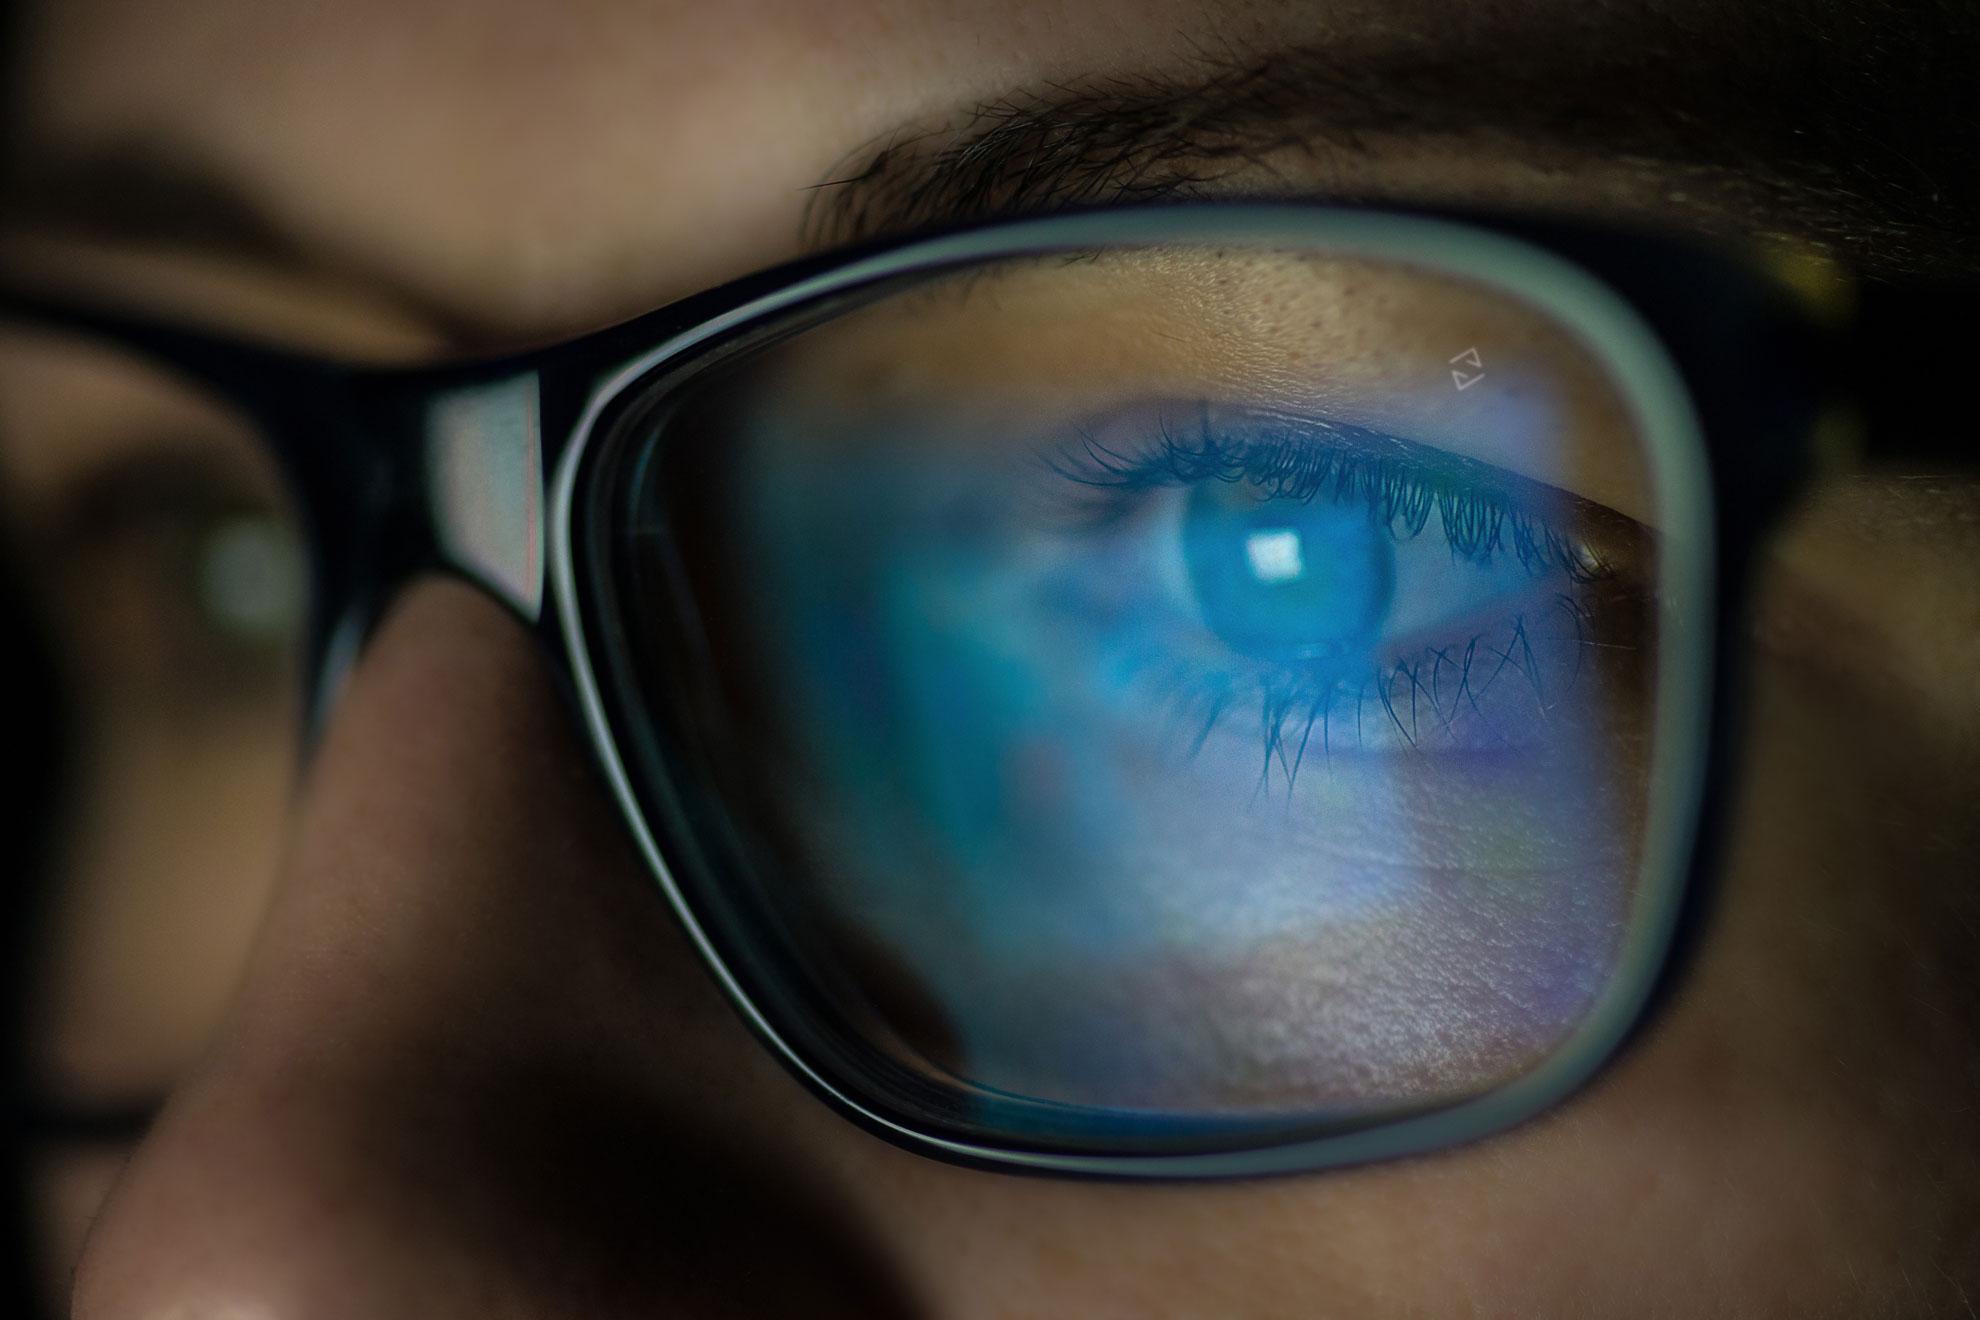 Peut-on s abîmer les yeux avec une luminosité faible  d6fafc1cdb40